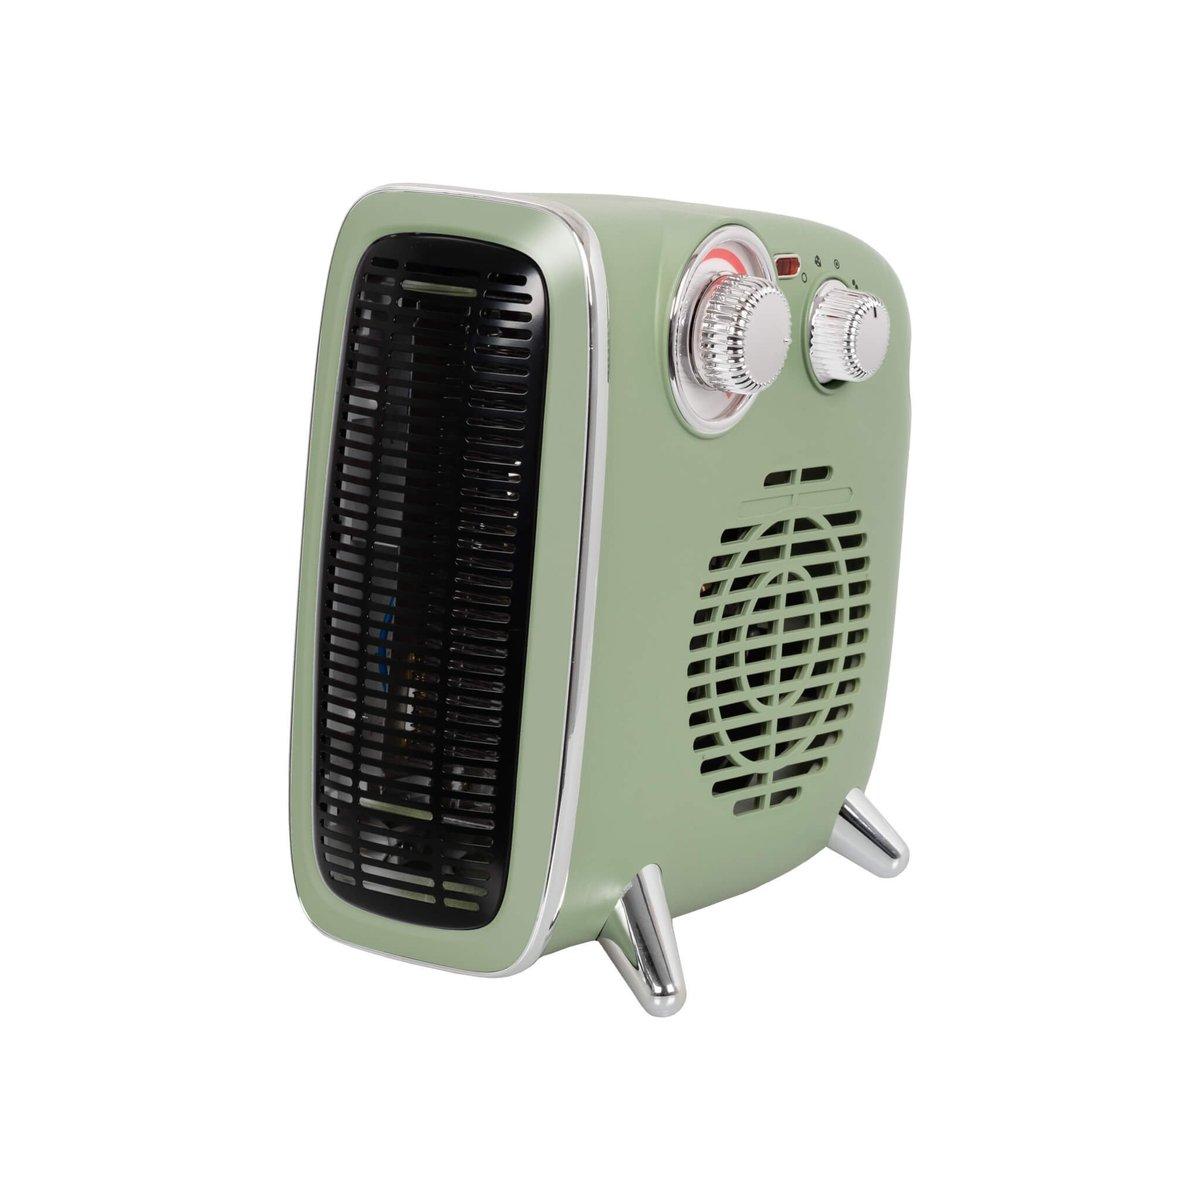 Eurom B-4 1800 Ventilatorkachel Retro Design 1800watt in het groen